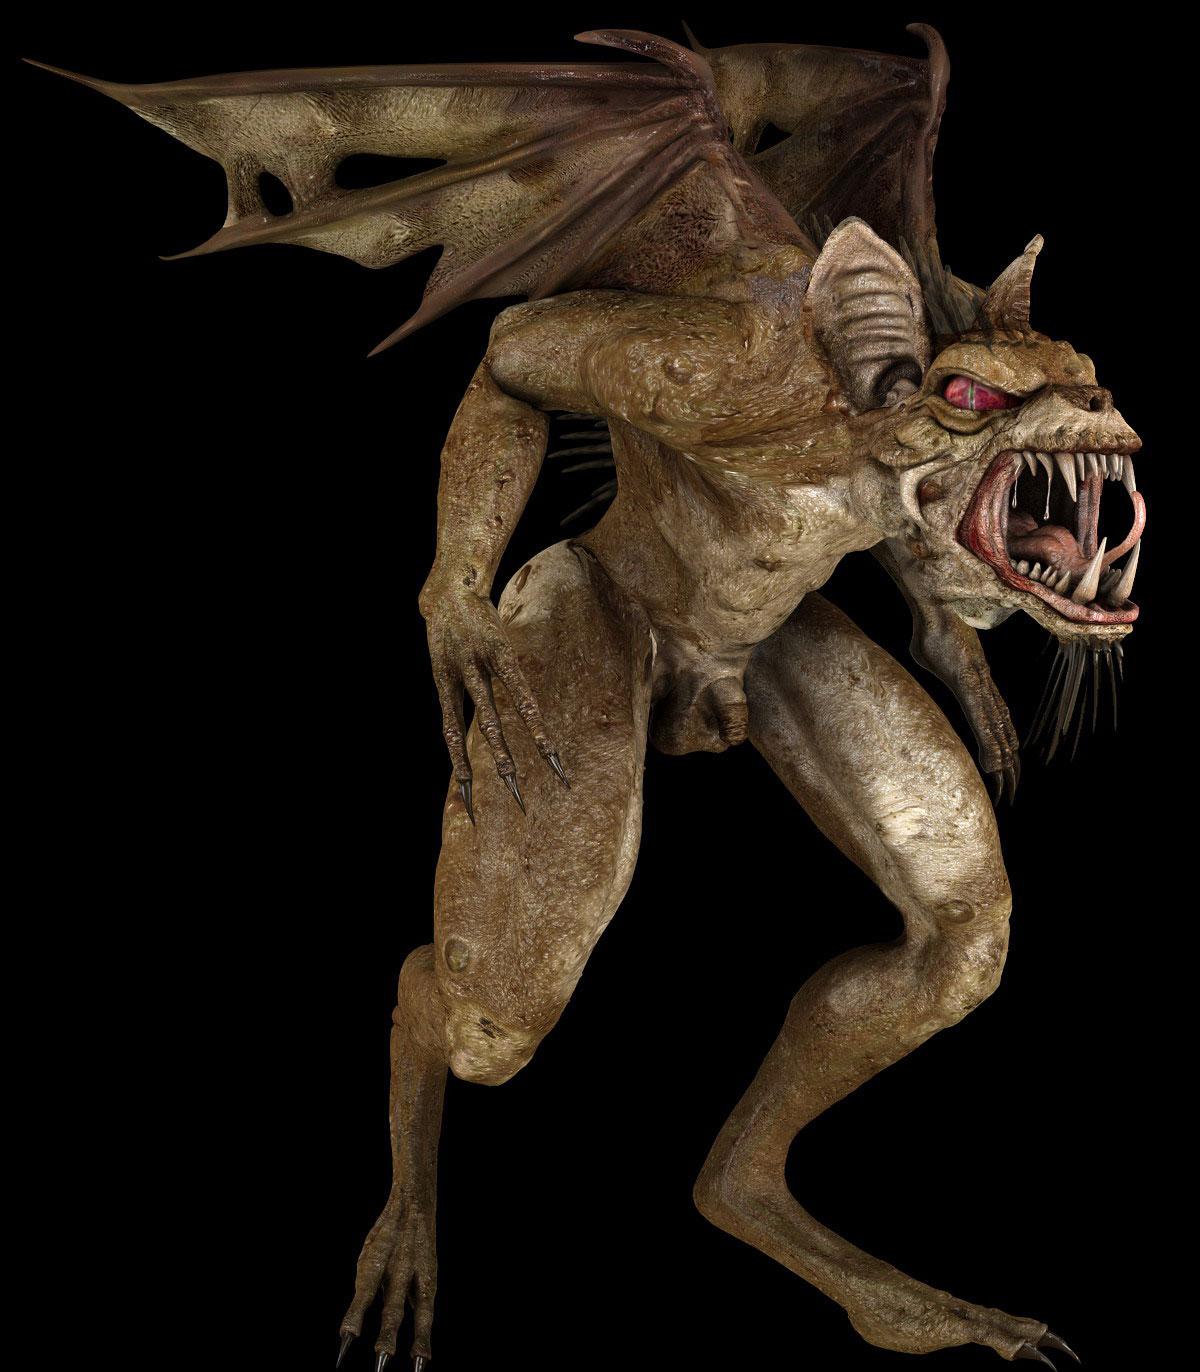 monster_-_red_mountain_devil.jpg